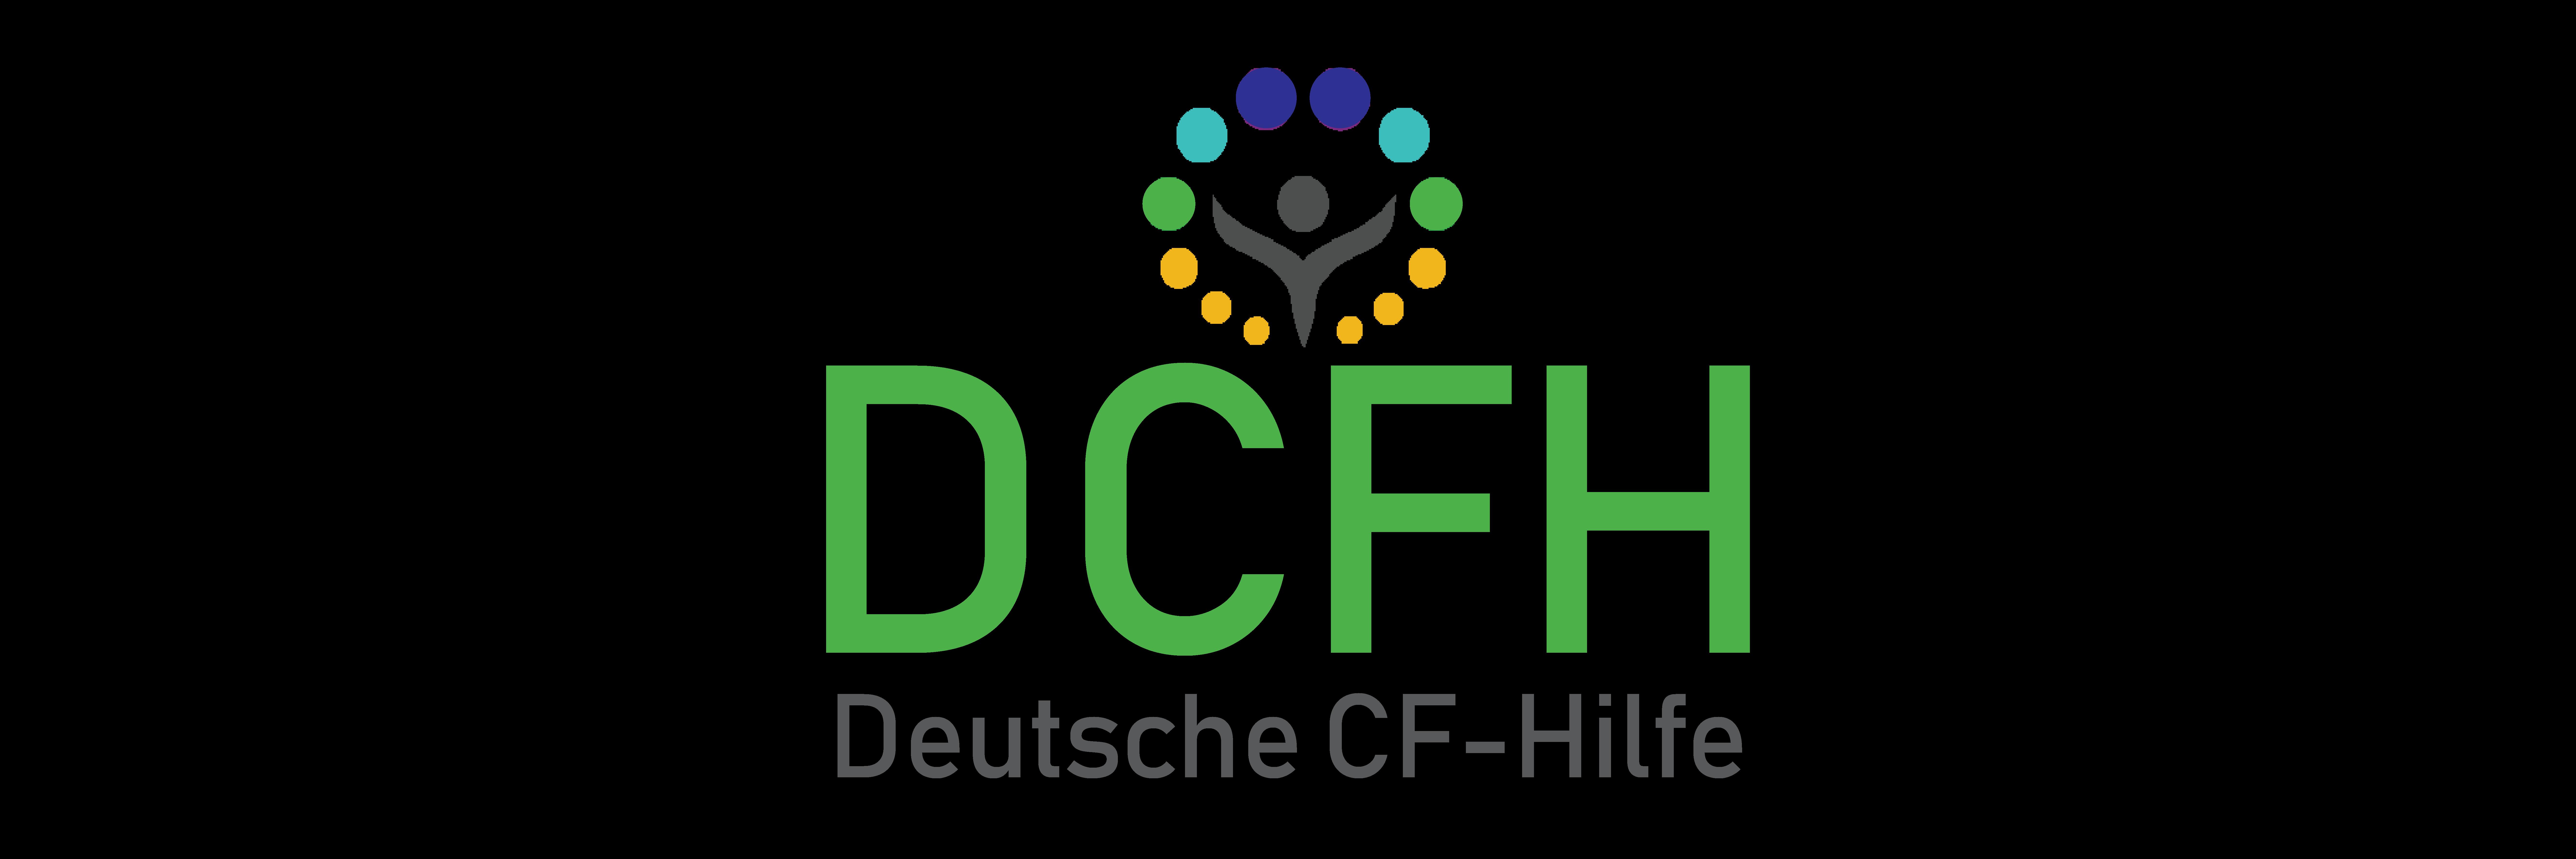 Deutsche CF-Hilfe